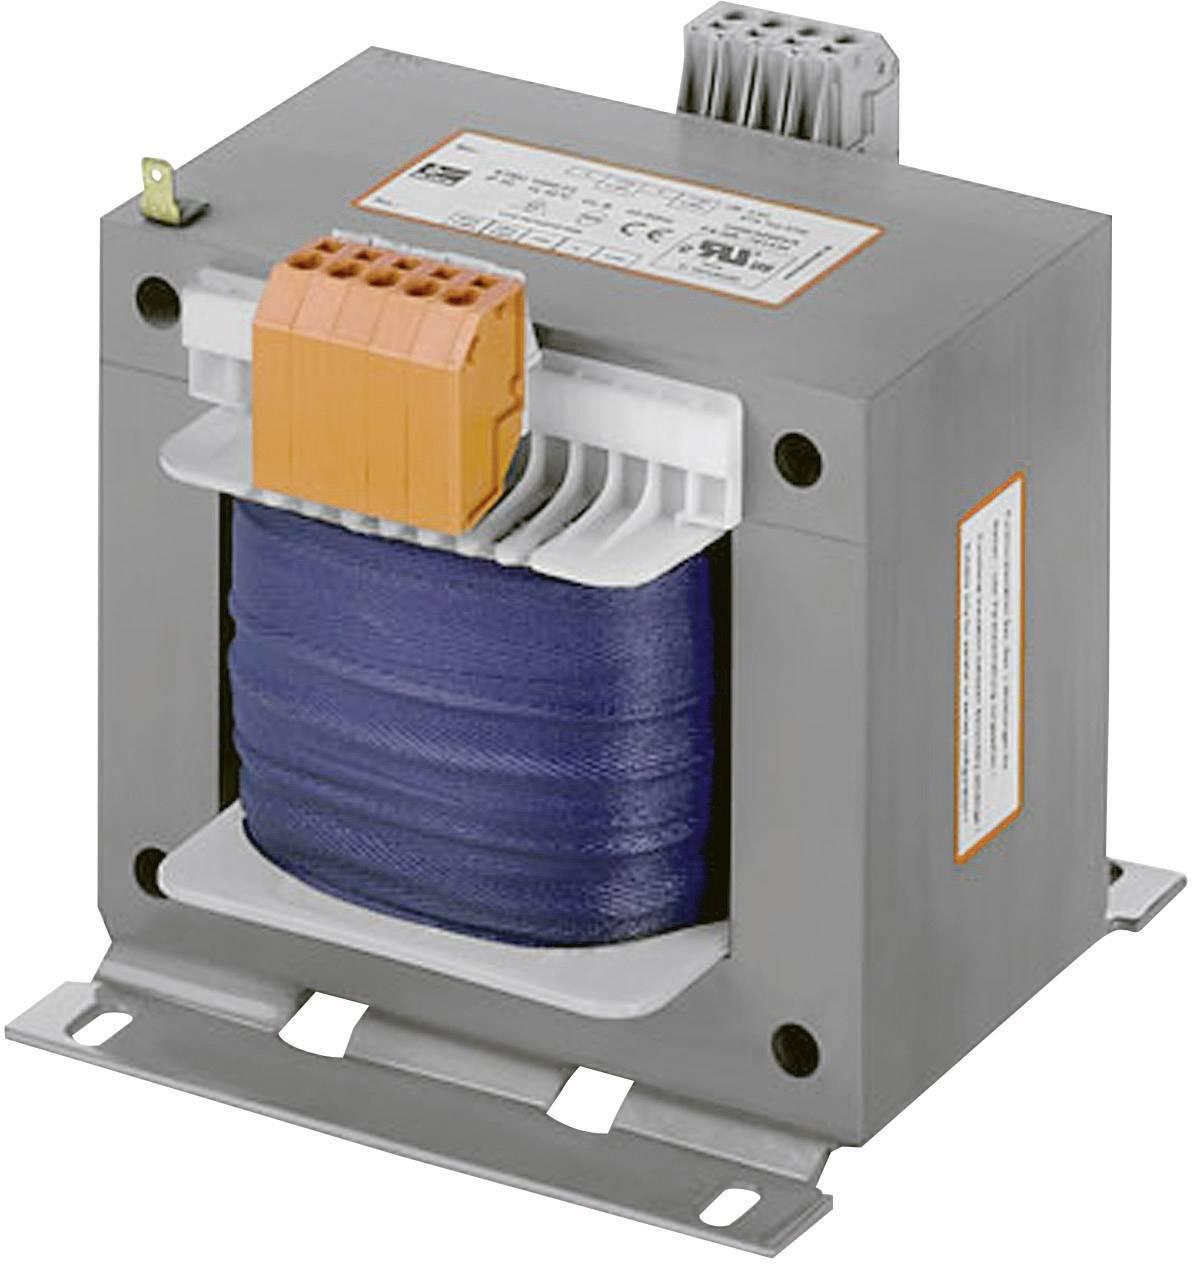 Bezpečnostný transformátor, riadiaci transformátor, izolačný transformátor Block STEU 63/48, 63 VA